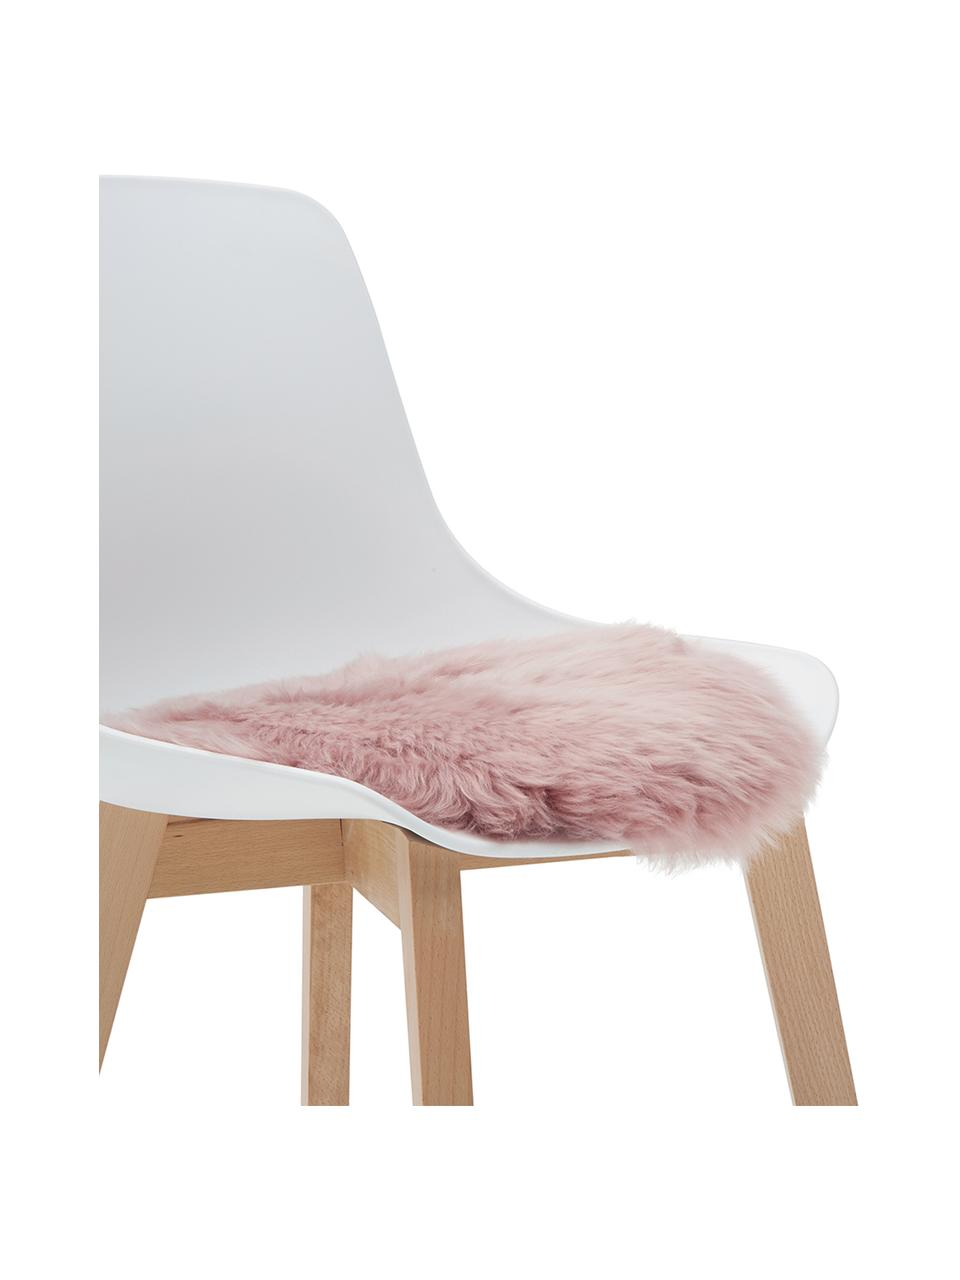 Okrągła poduszka na krzesło ze skóry owczej Oslo, Blady różowy, Ø 37 cm